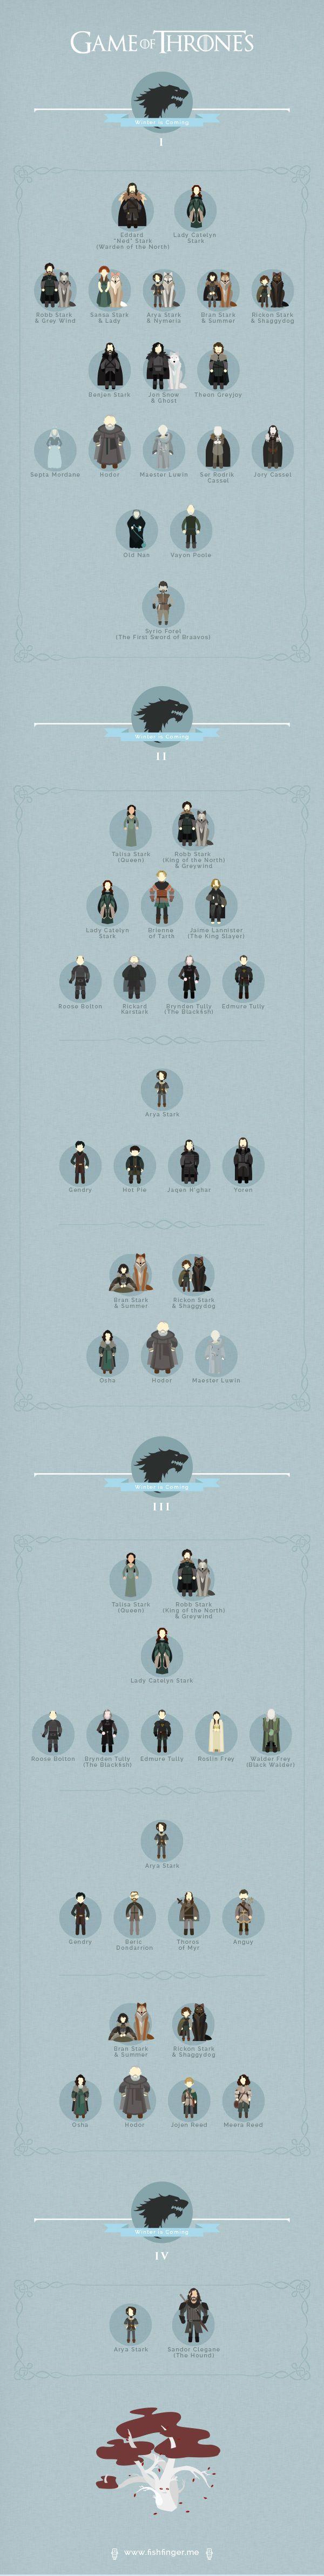 Voici de fort sympathiques petites infographies des personnages de Game of thrones dans chaque saison, merci à l'agence Fishfinger pour cette créa, look !